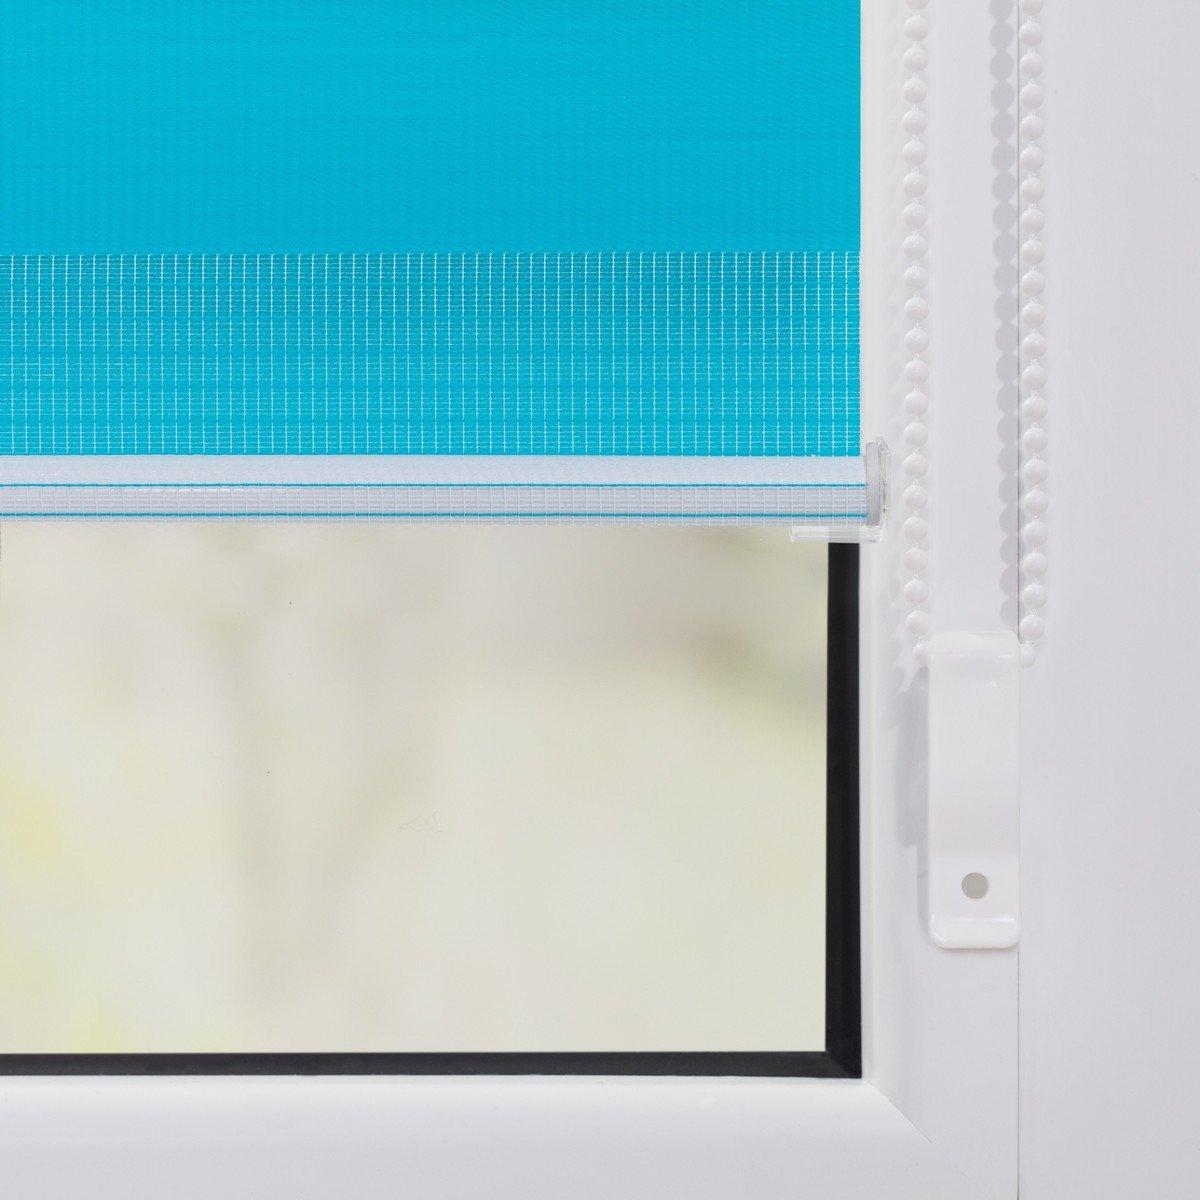 Bild 4 von Lichtblick Duo-Rollo Klemmfix, ohne Bohren - Blau, 110 cm x 150 cm (B x L)